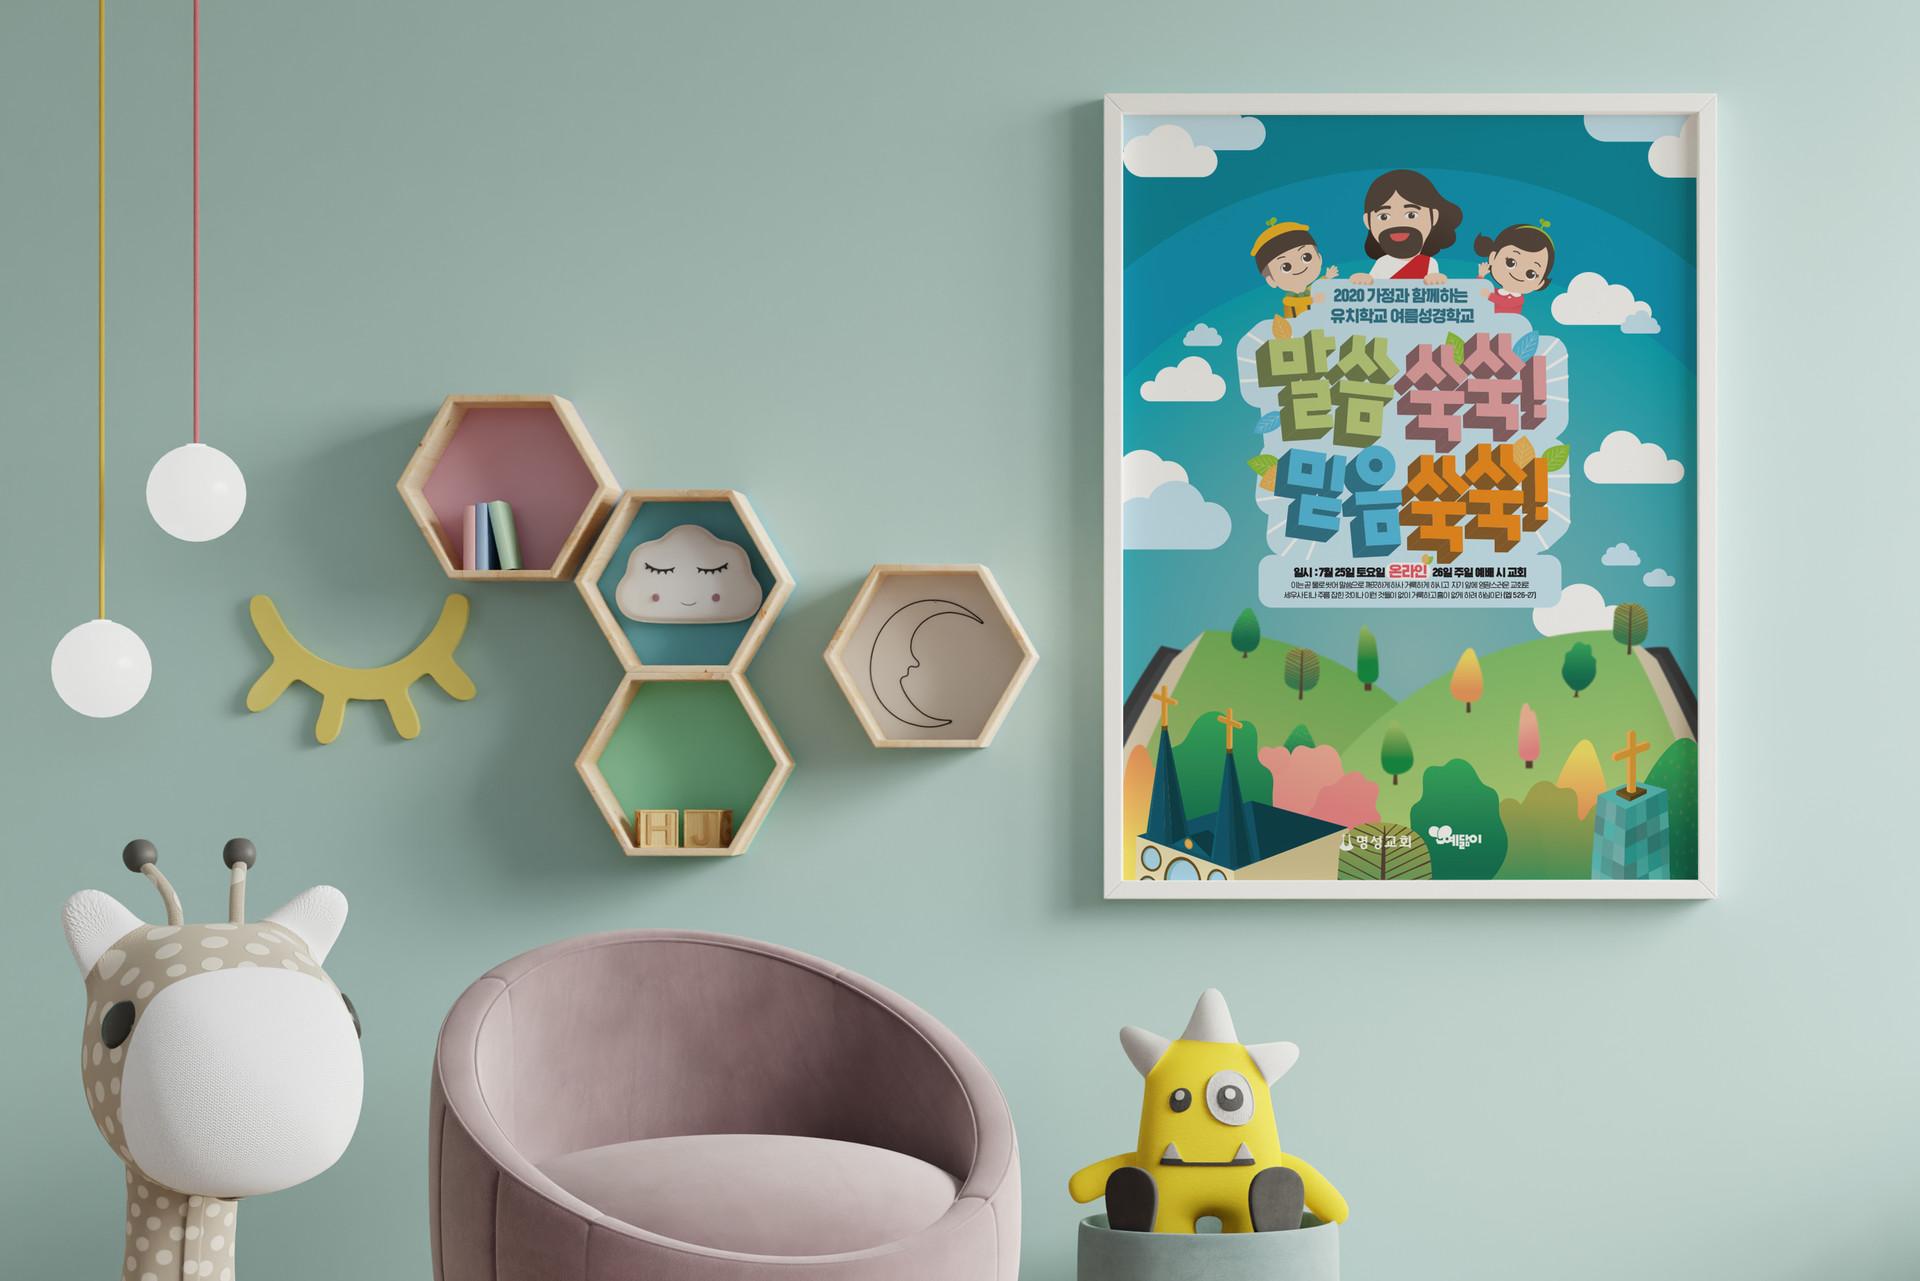 유치학교 여름성경학교 메인 포스터